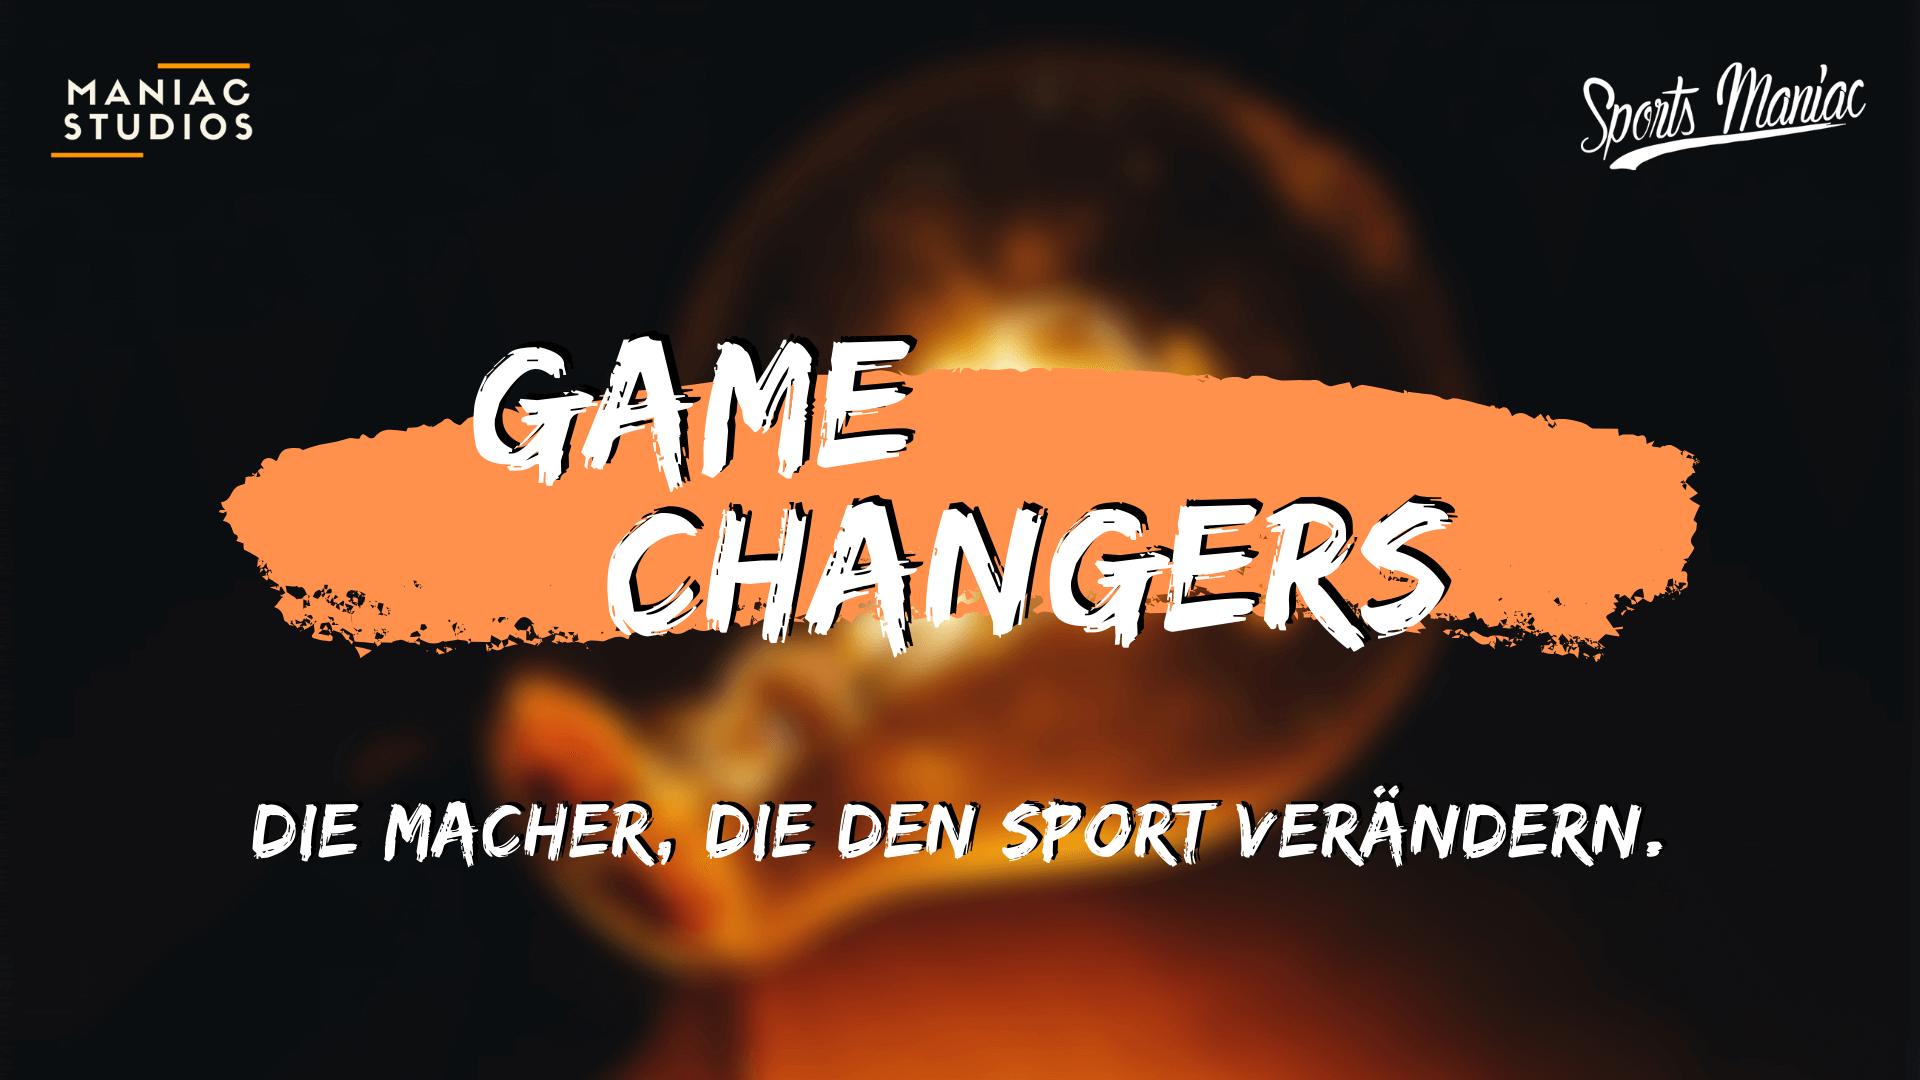 Game Changers - Die Macher*innen, die den Sport verändern